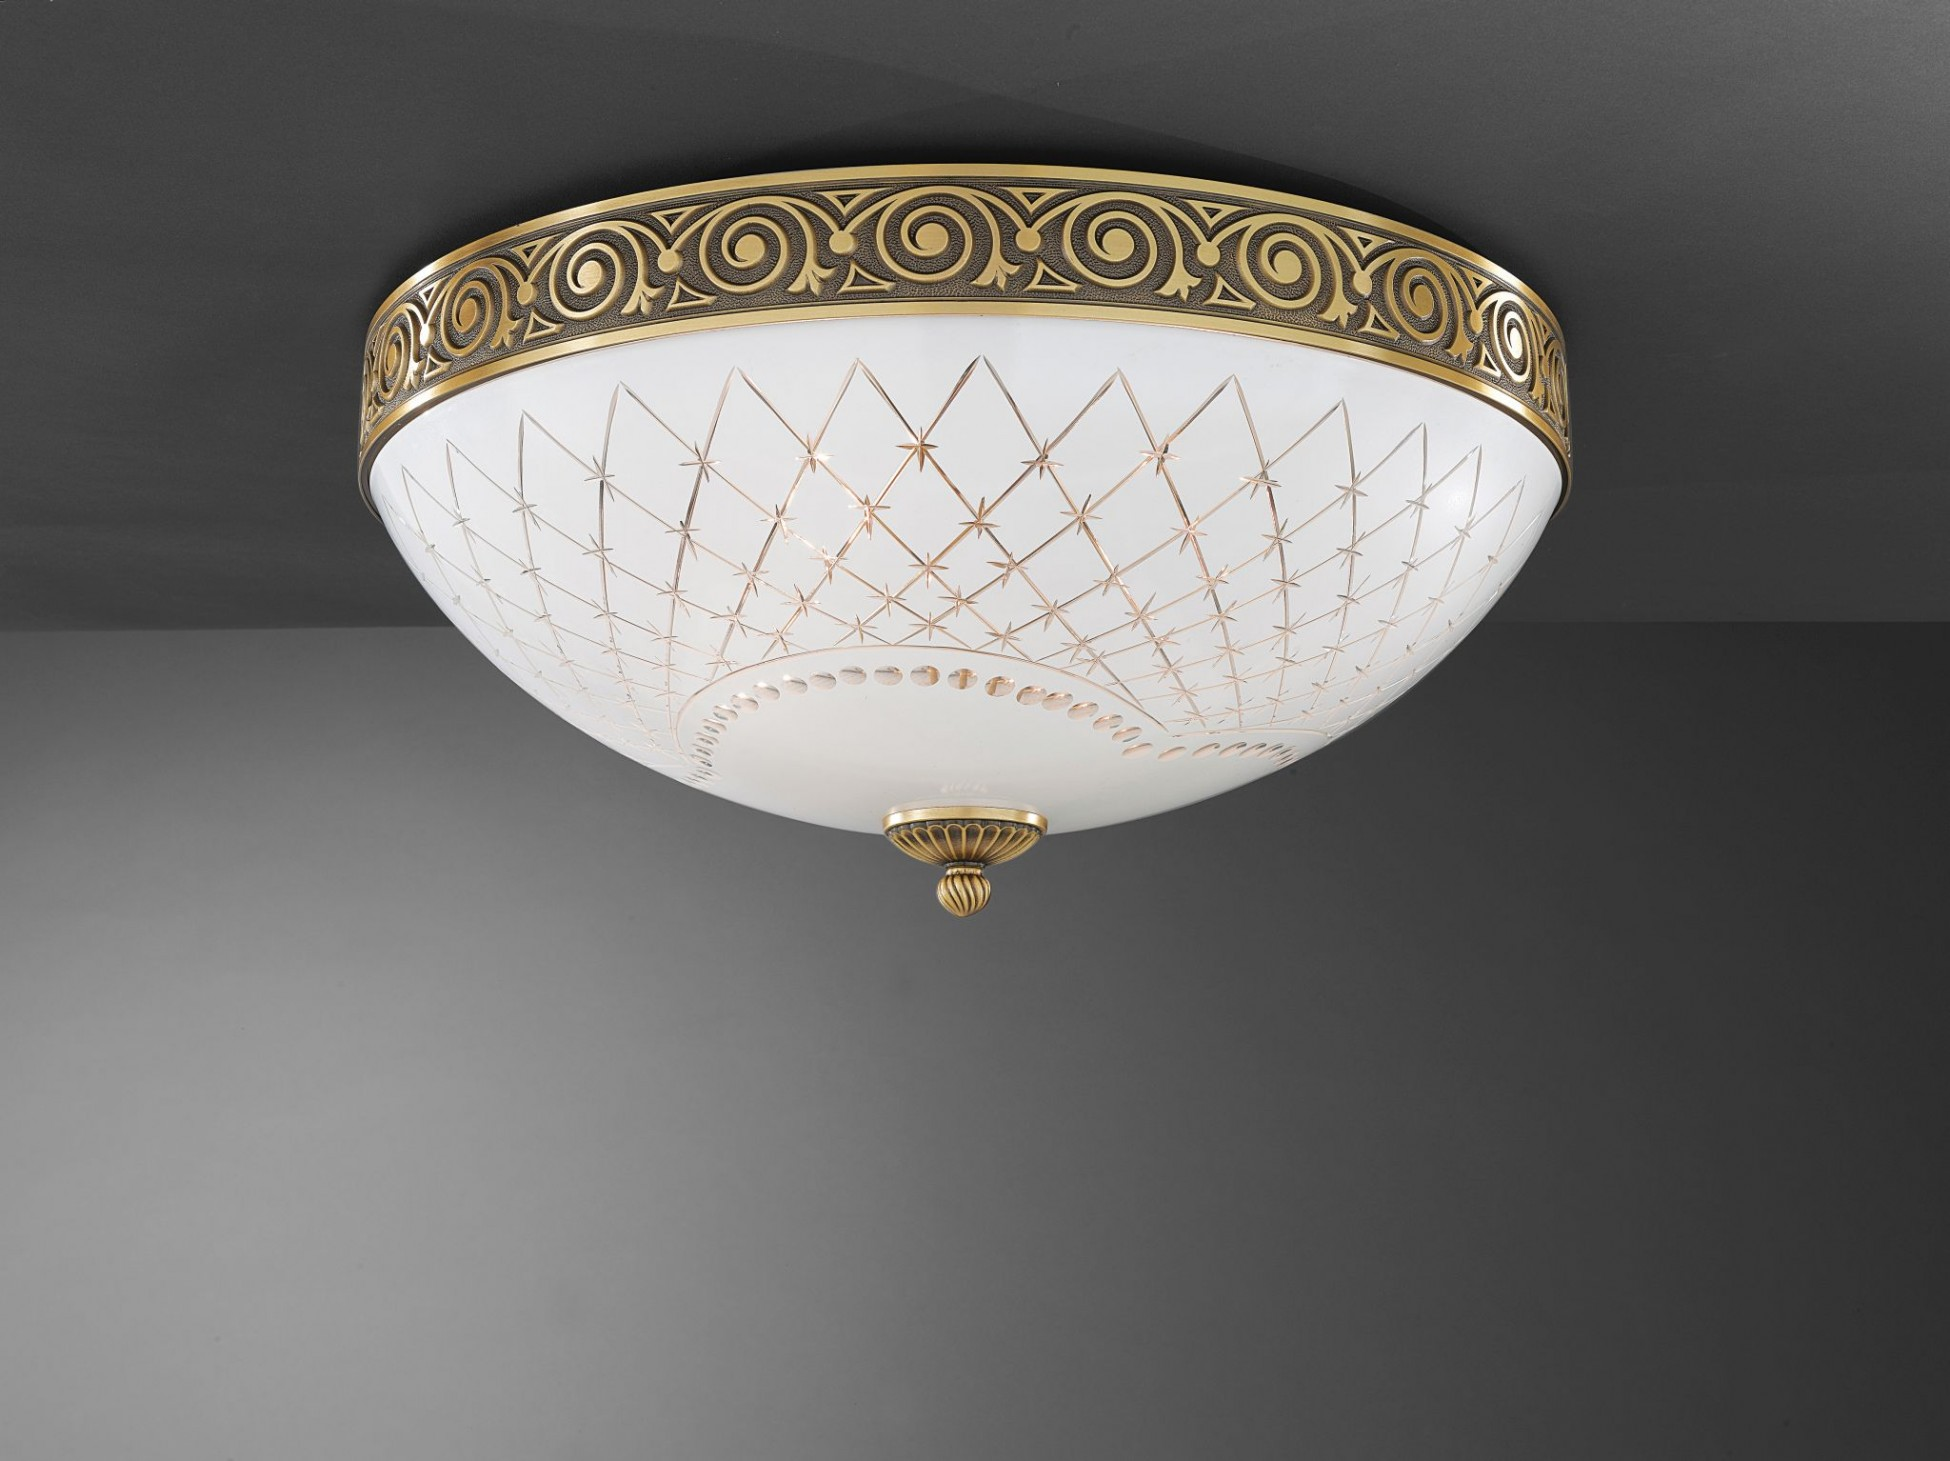 Plafoniera Ottone Vetro : Plafoniera in ottone e vetro bianco molato 4 luci 50 cm reccagni store